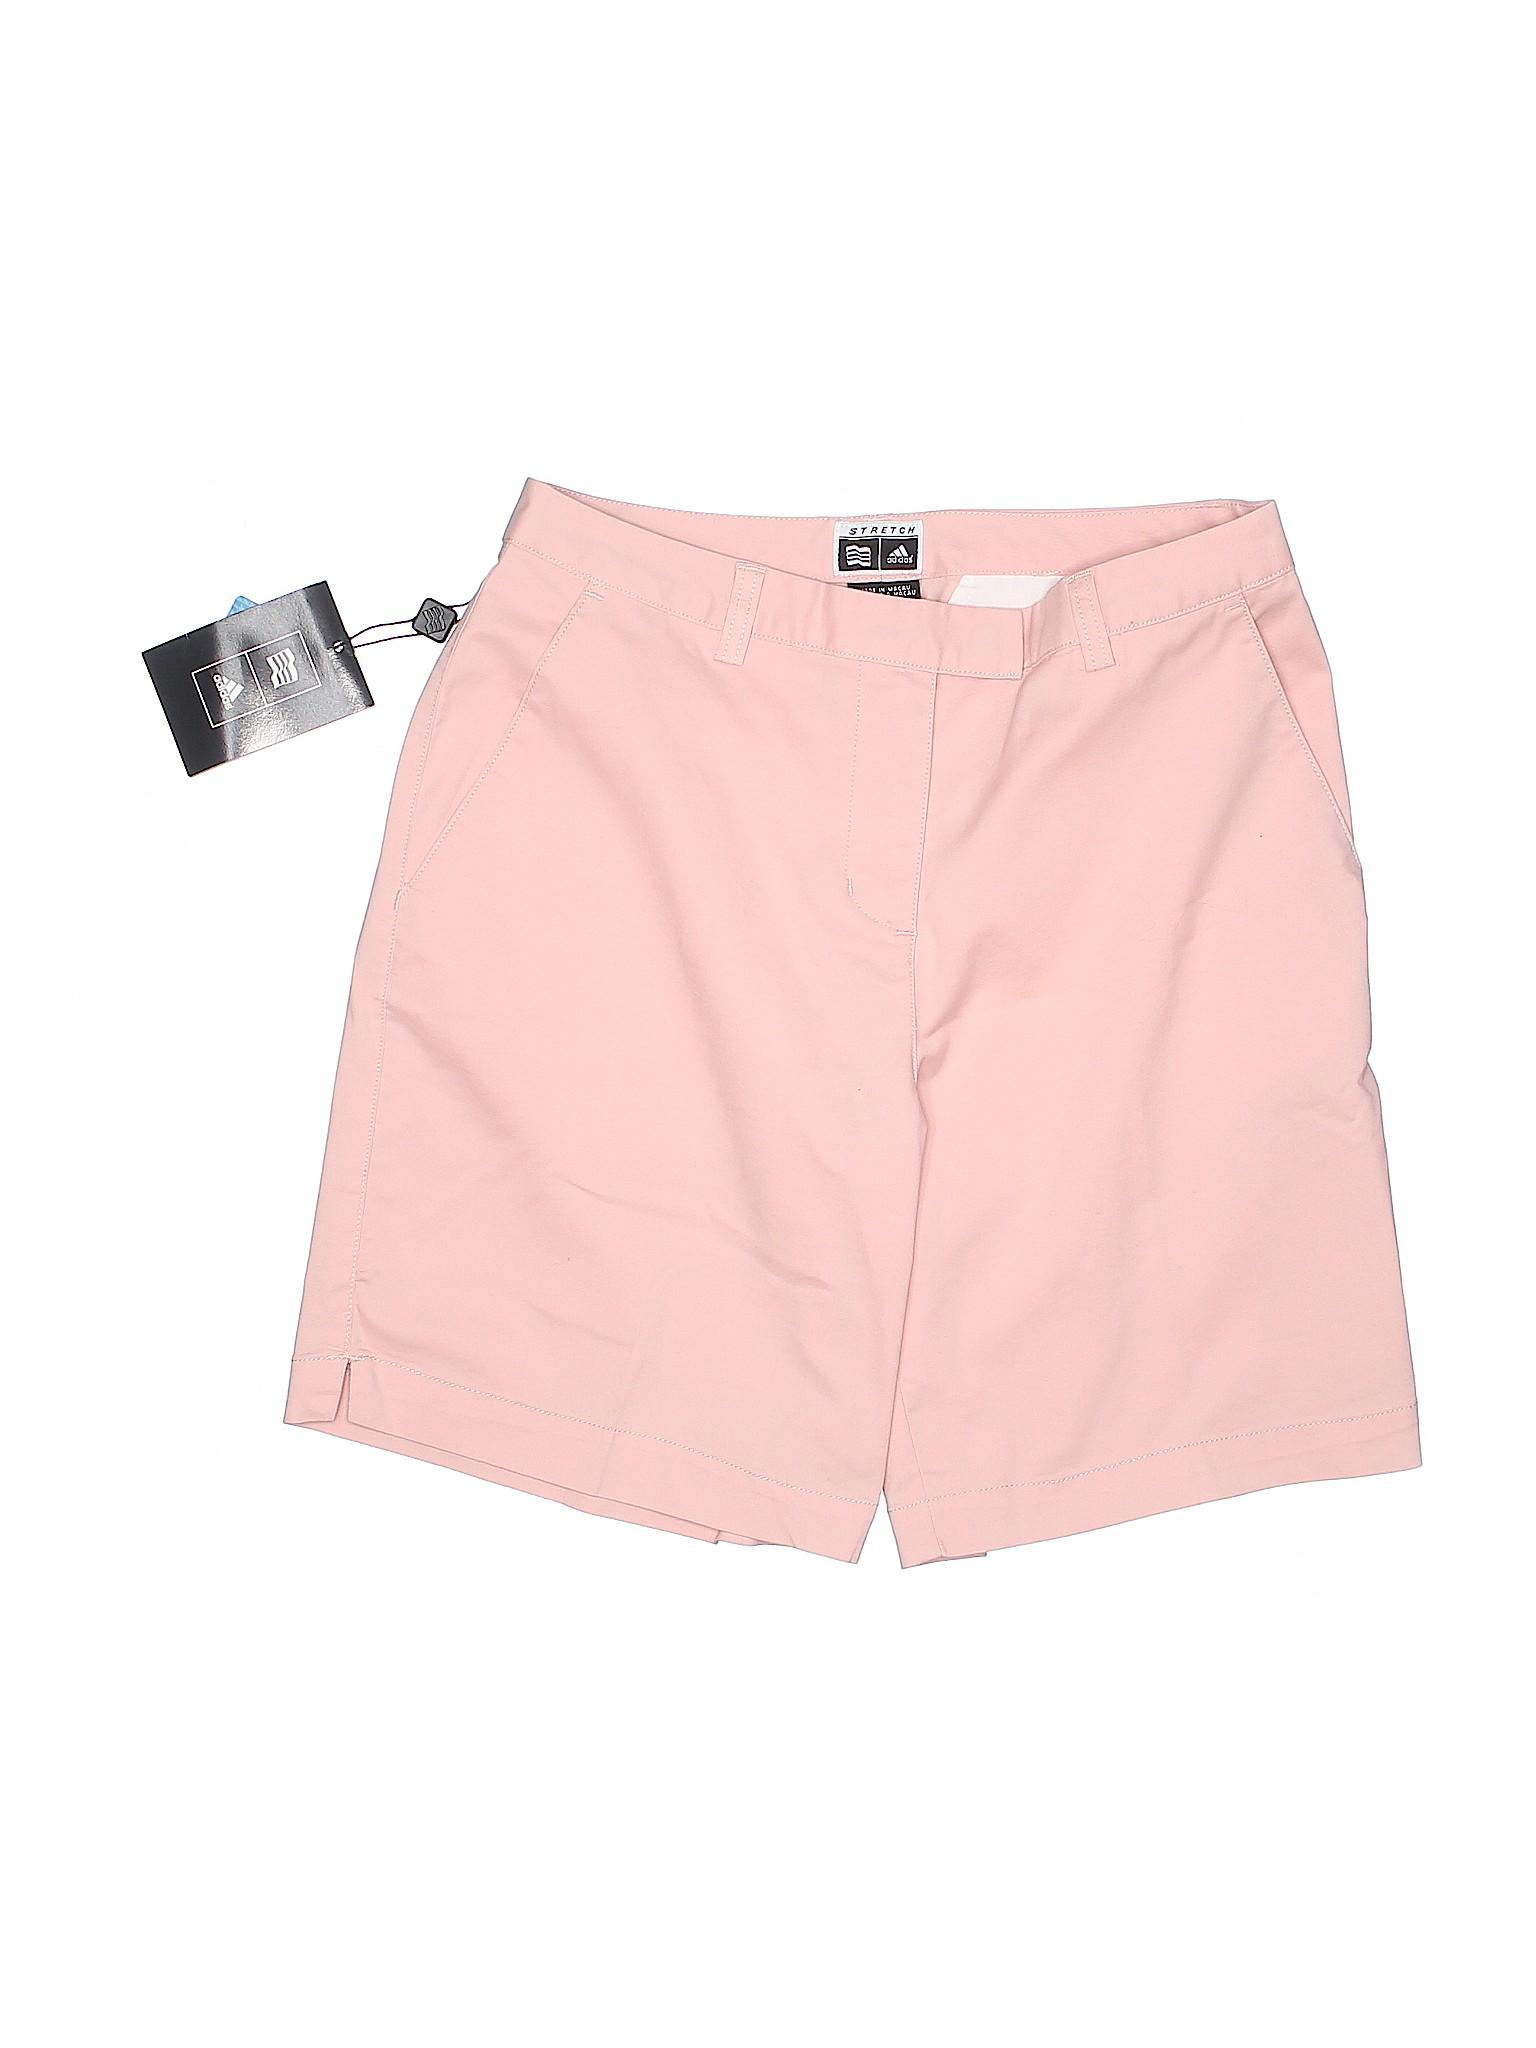 Shorts Boutique Shorts Boutique Khaki Boutique Khaki Adidas Adidas SwSRzq0